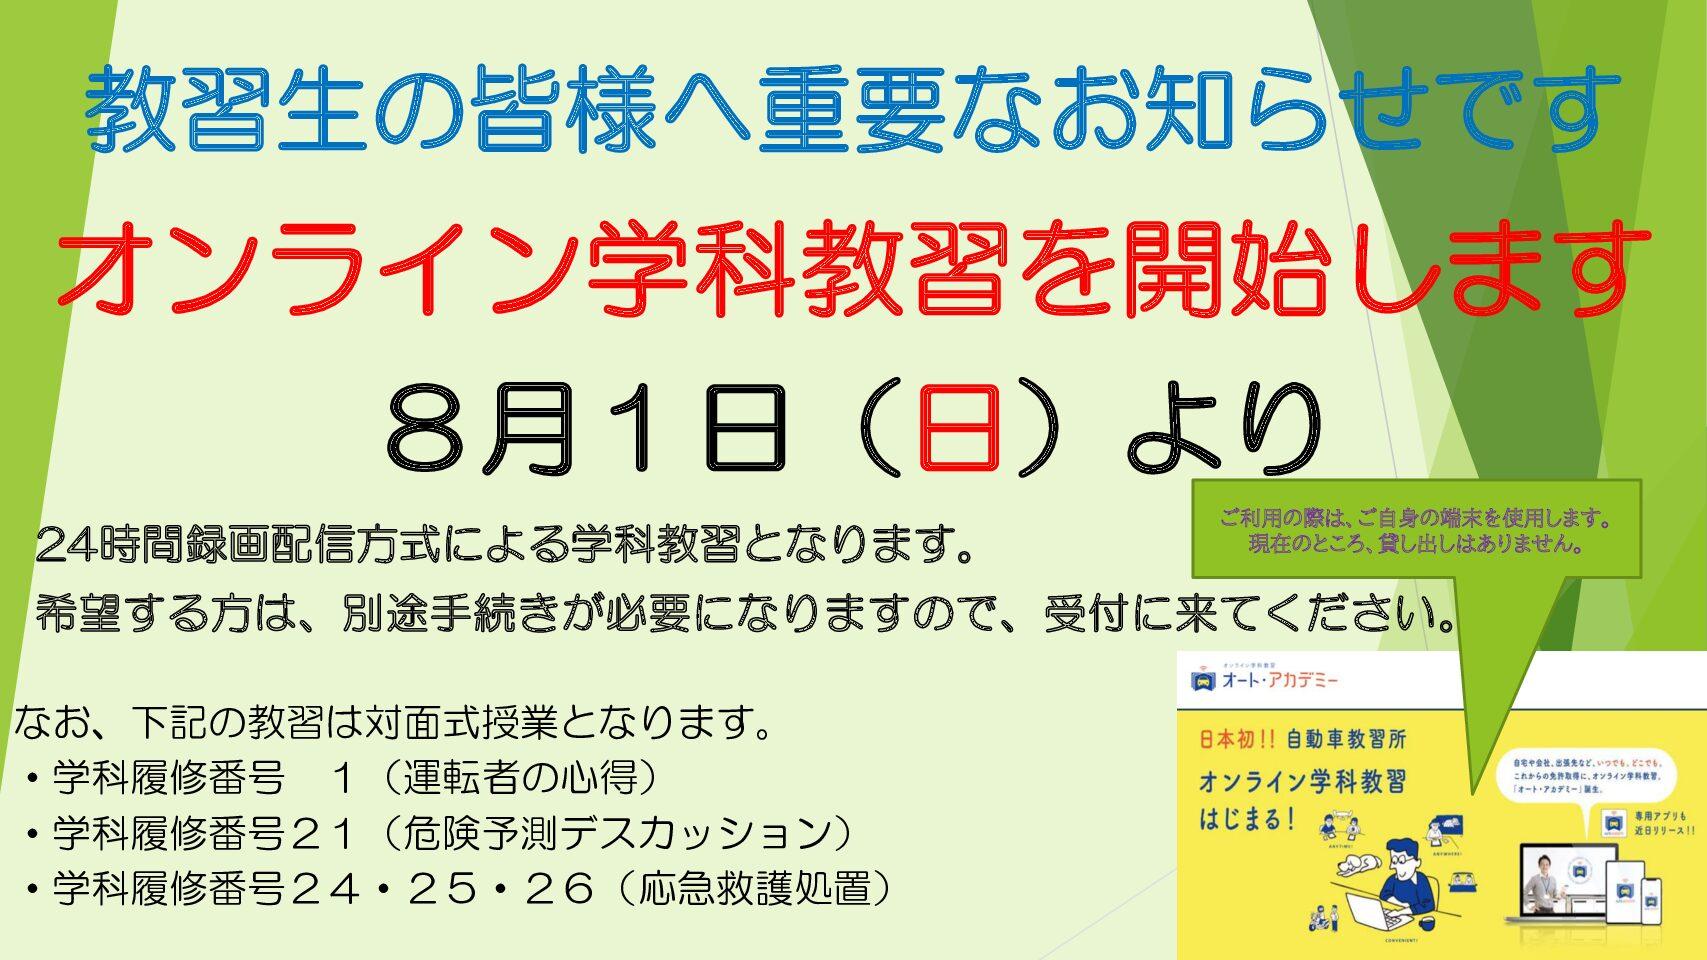 【お知らせ】8月1日よりオンライン学科を開始いたします。